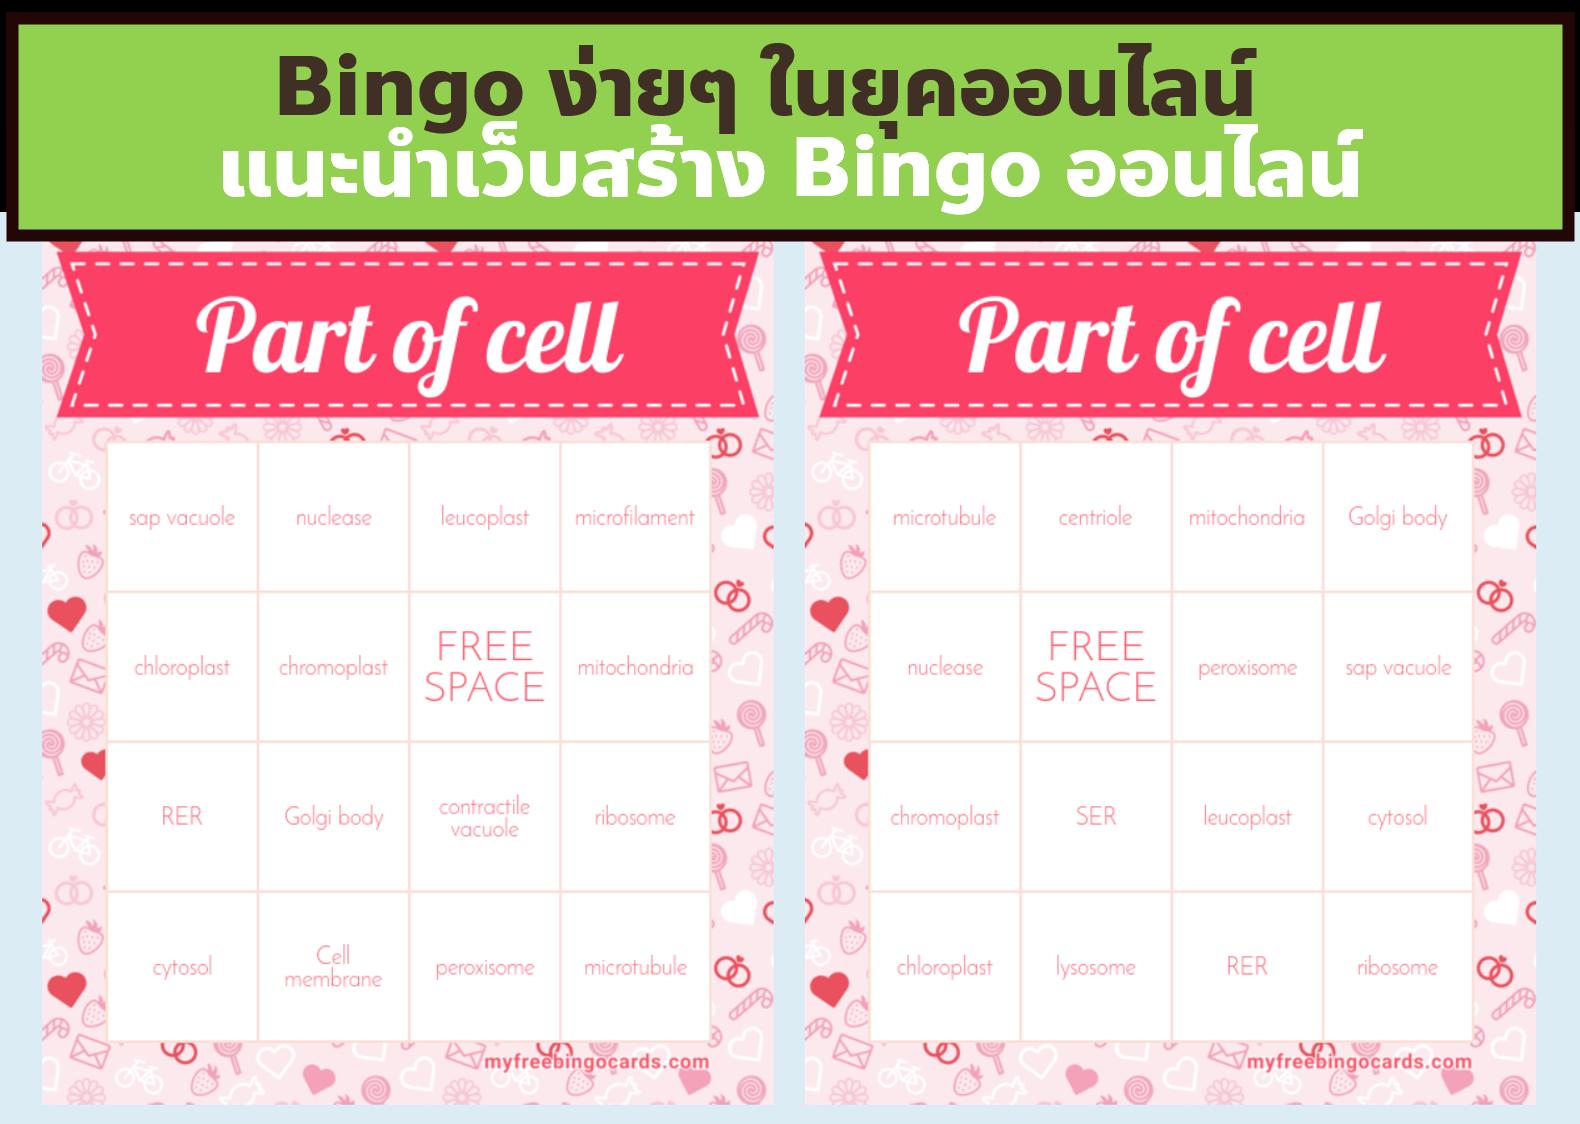 ภาพประกอบไอเดีย แนะนำเว็บสร้าง Bingo ออนไลน์ (ฟรี)